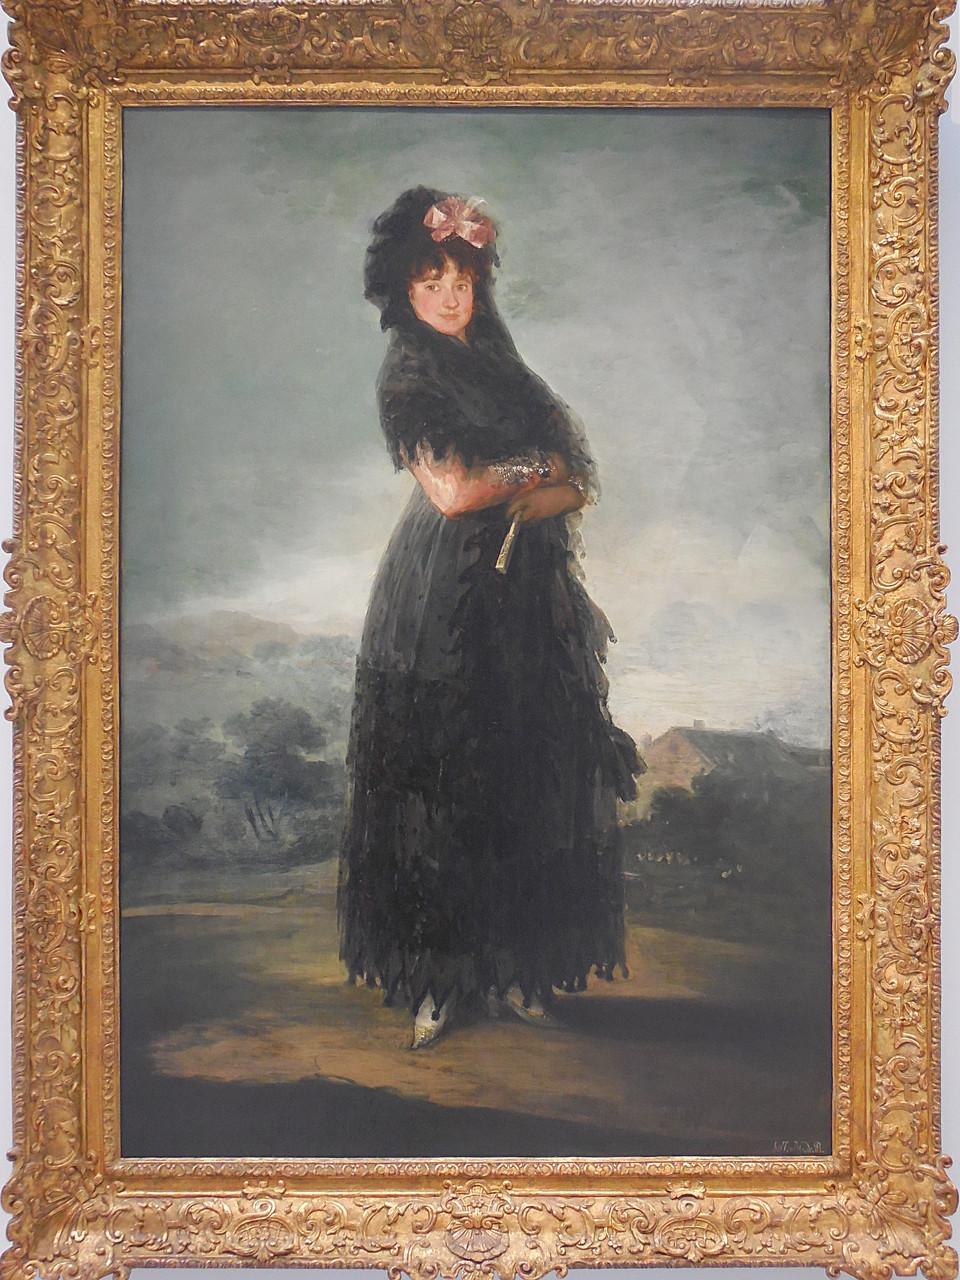 vers 1800, Espagne, Goya y Lucientes, Mariana Waldstein, 9ème marquise de Santa Cruz